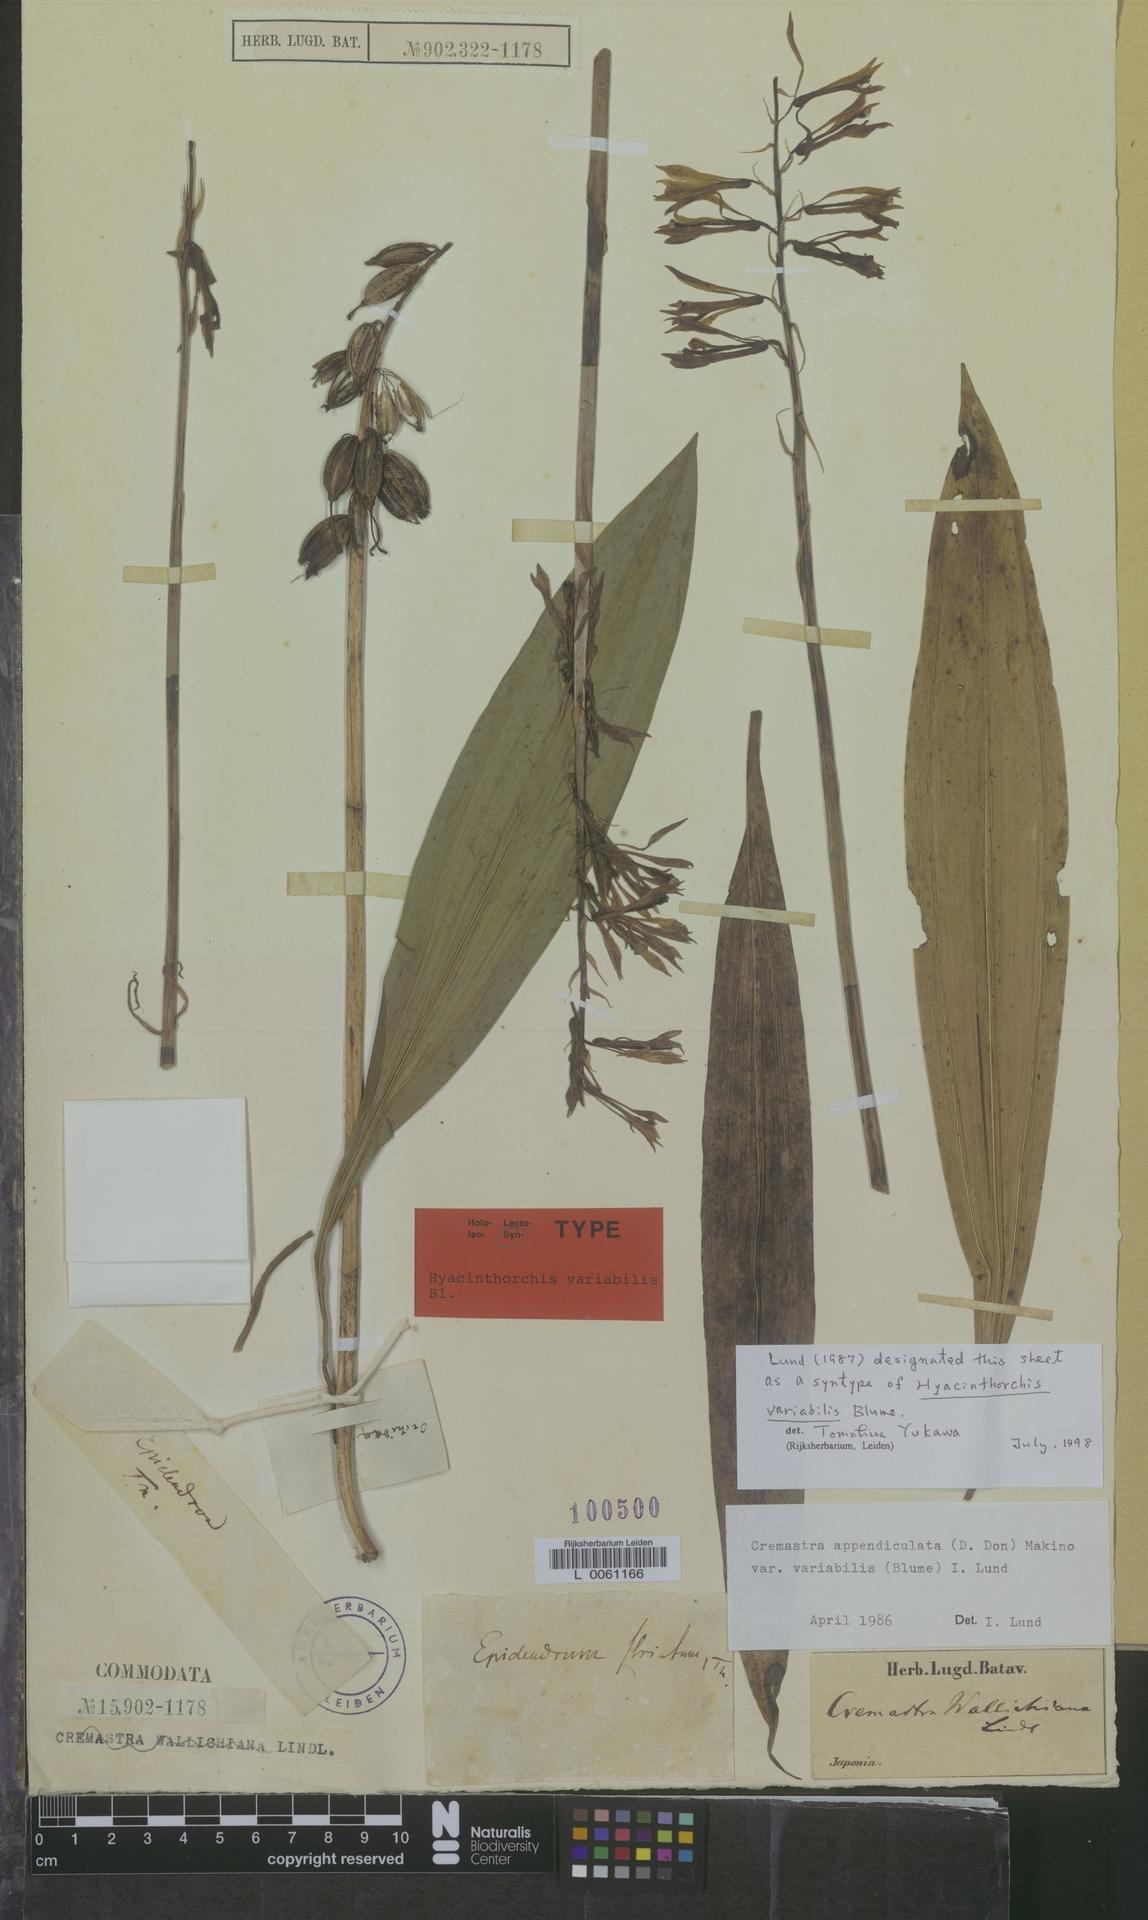 L  0061166 | Cremastra appendiculata var. variabilis (Blume) I.D.Lund